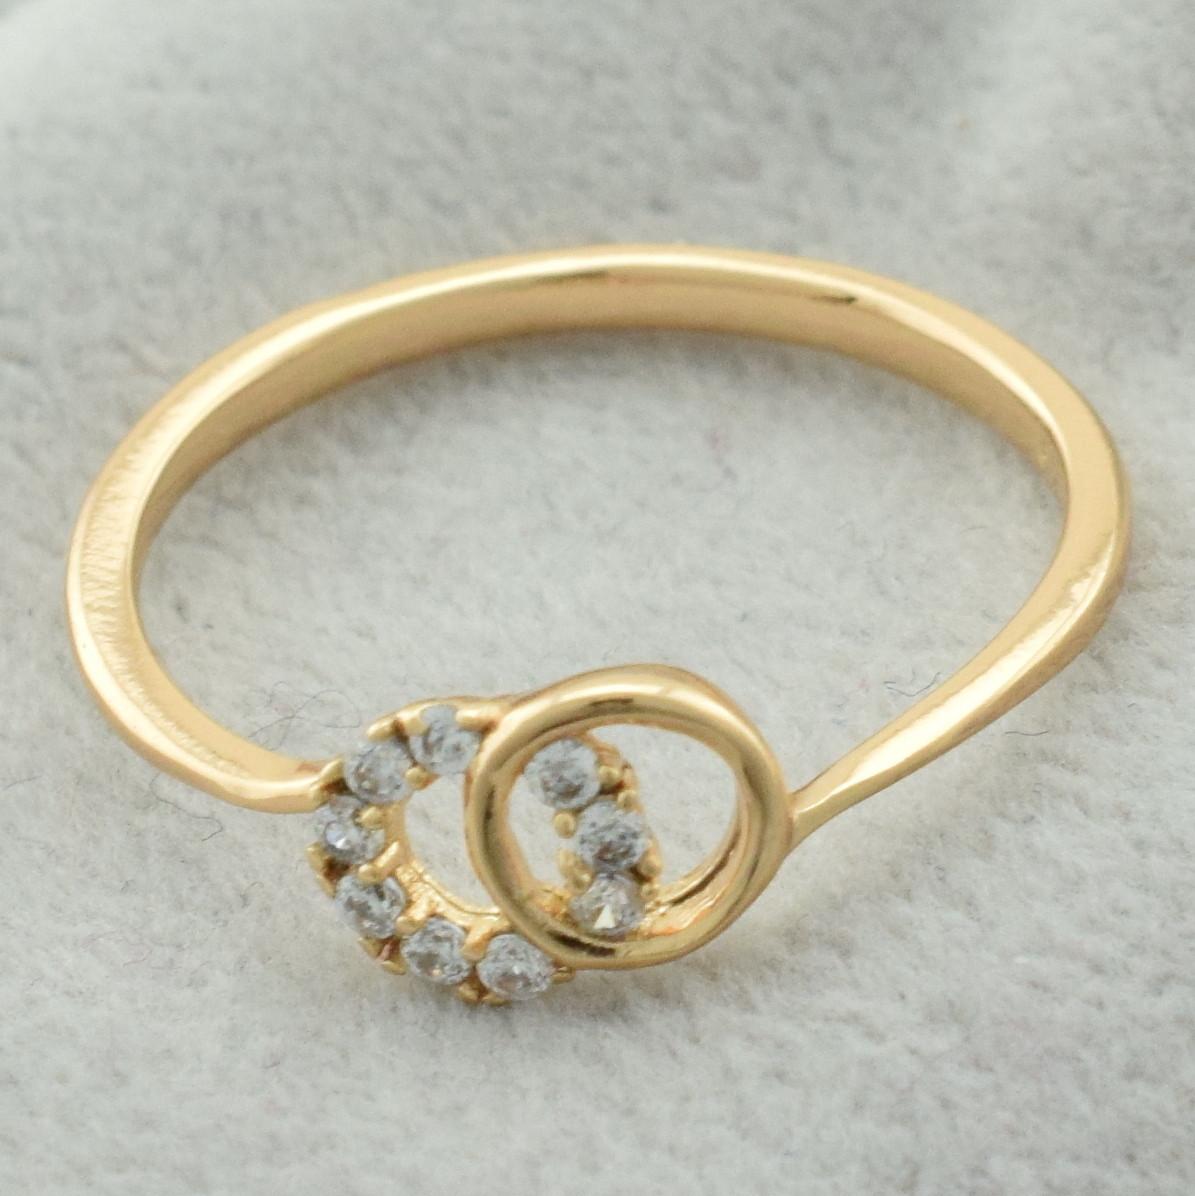 Кольцо Xuping 11458 размер 18 ширина 6 мм вес 1.3 г белые фианиты позолота 18К